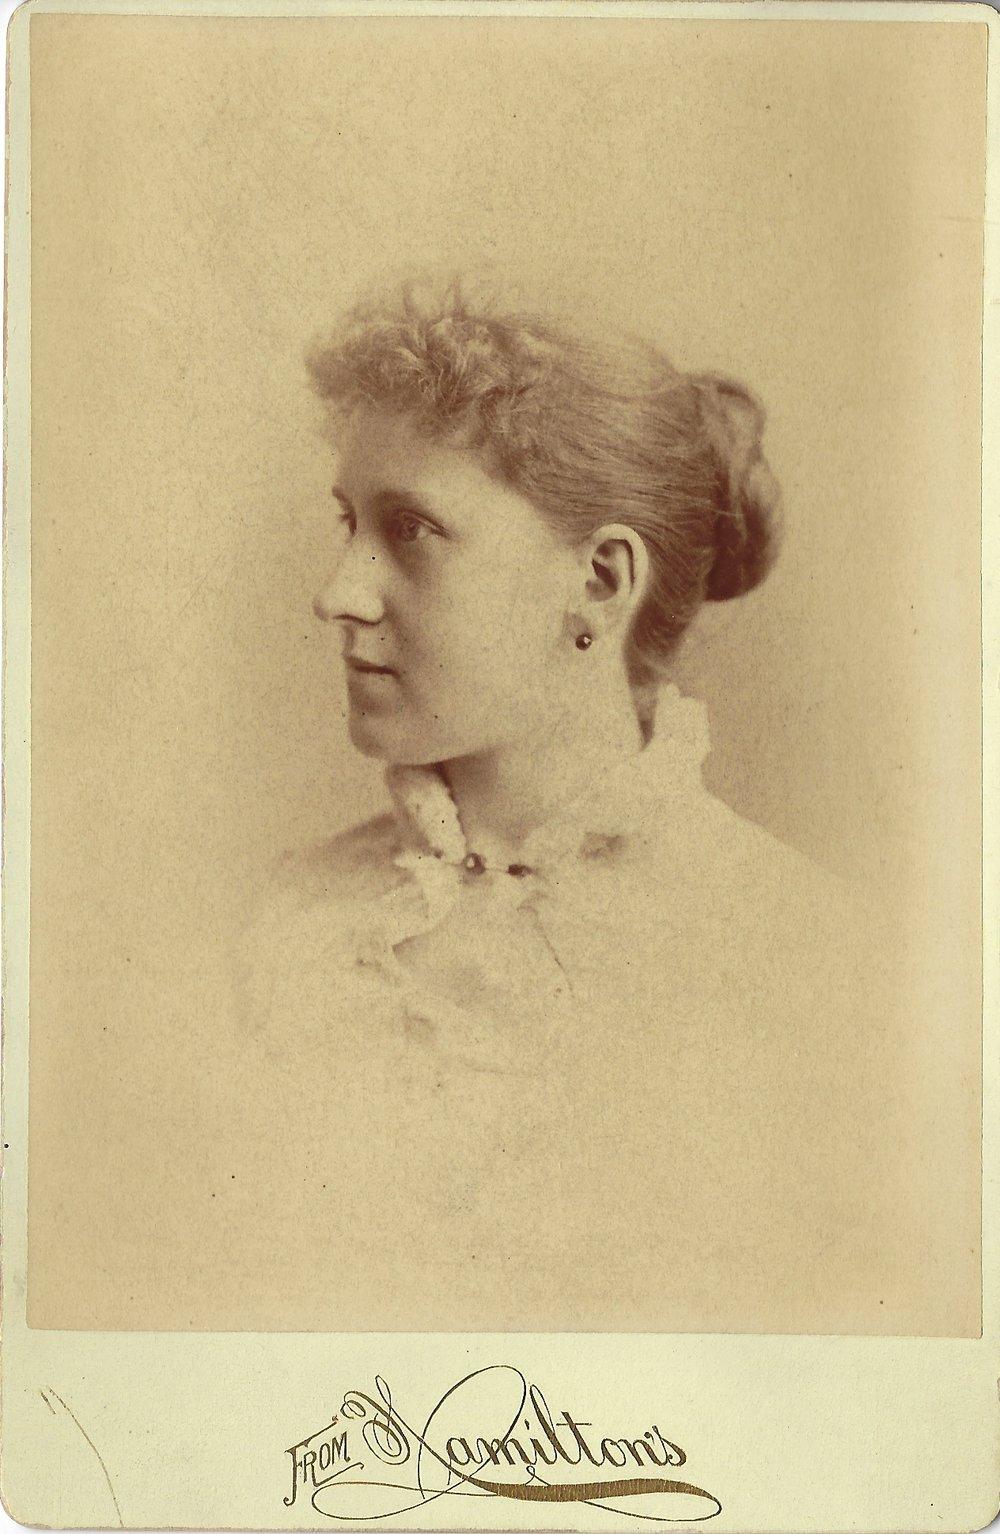 Jennie (Smith) Rankin